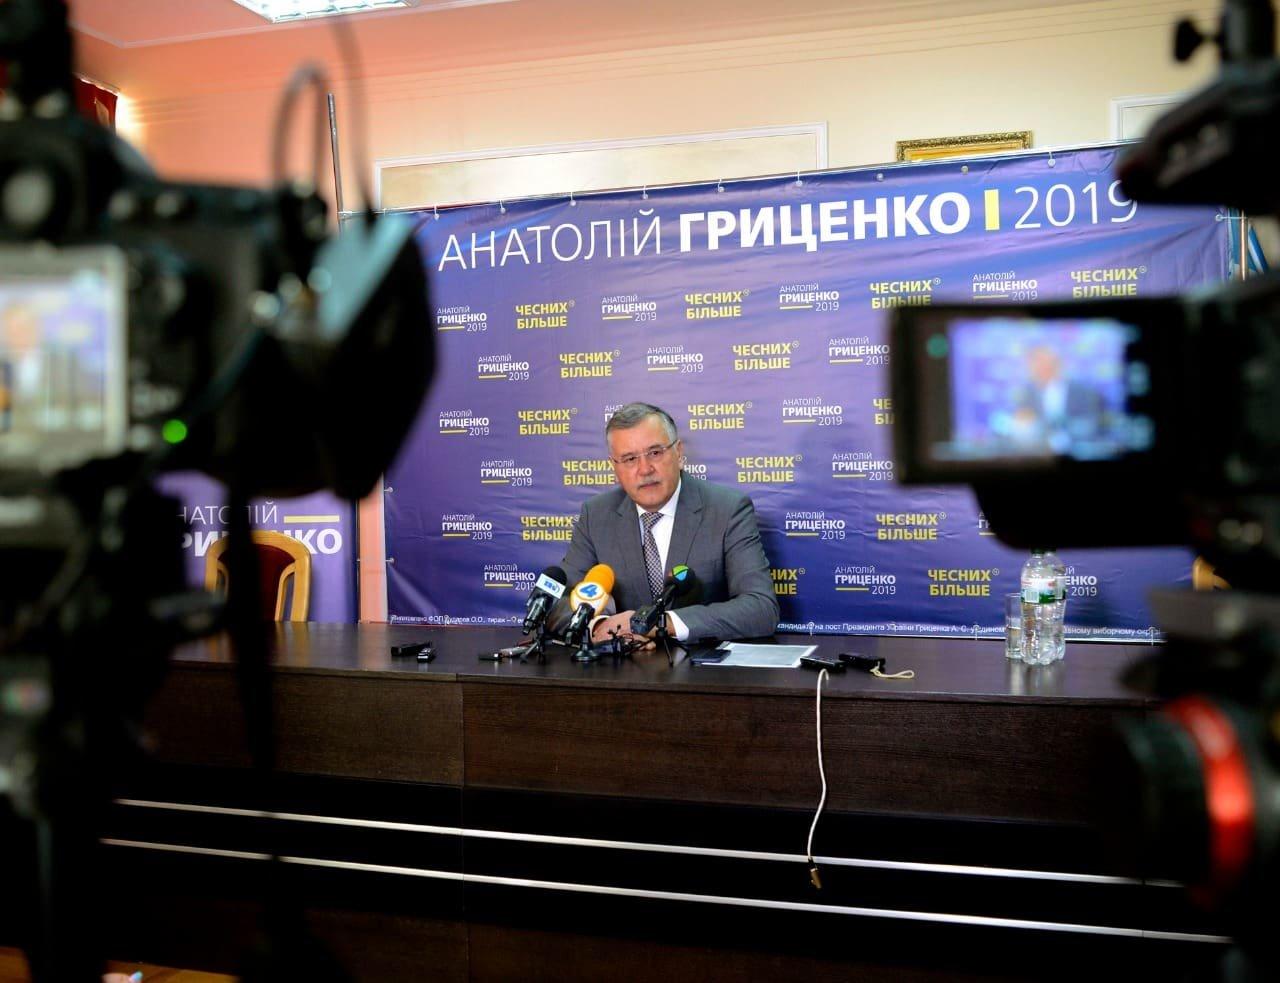 Анатолій Гриценко: «На відкритих дебатах кандидати на посаду президента повинні показати свою команду та чесно відповісти на запитання гром..., фото-6